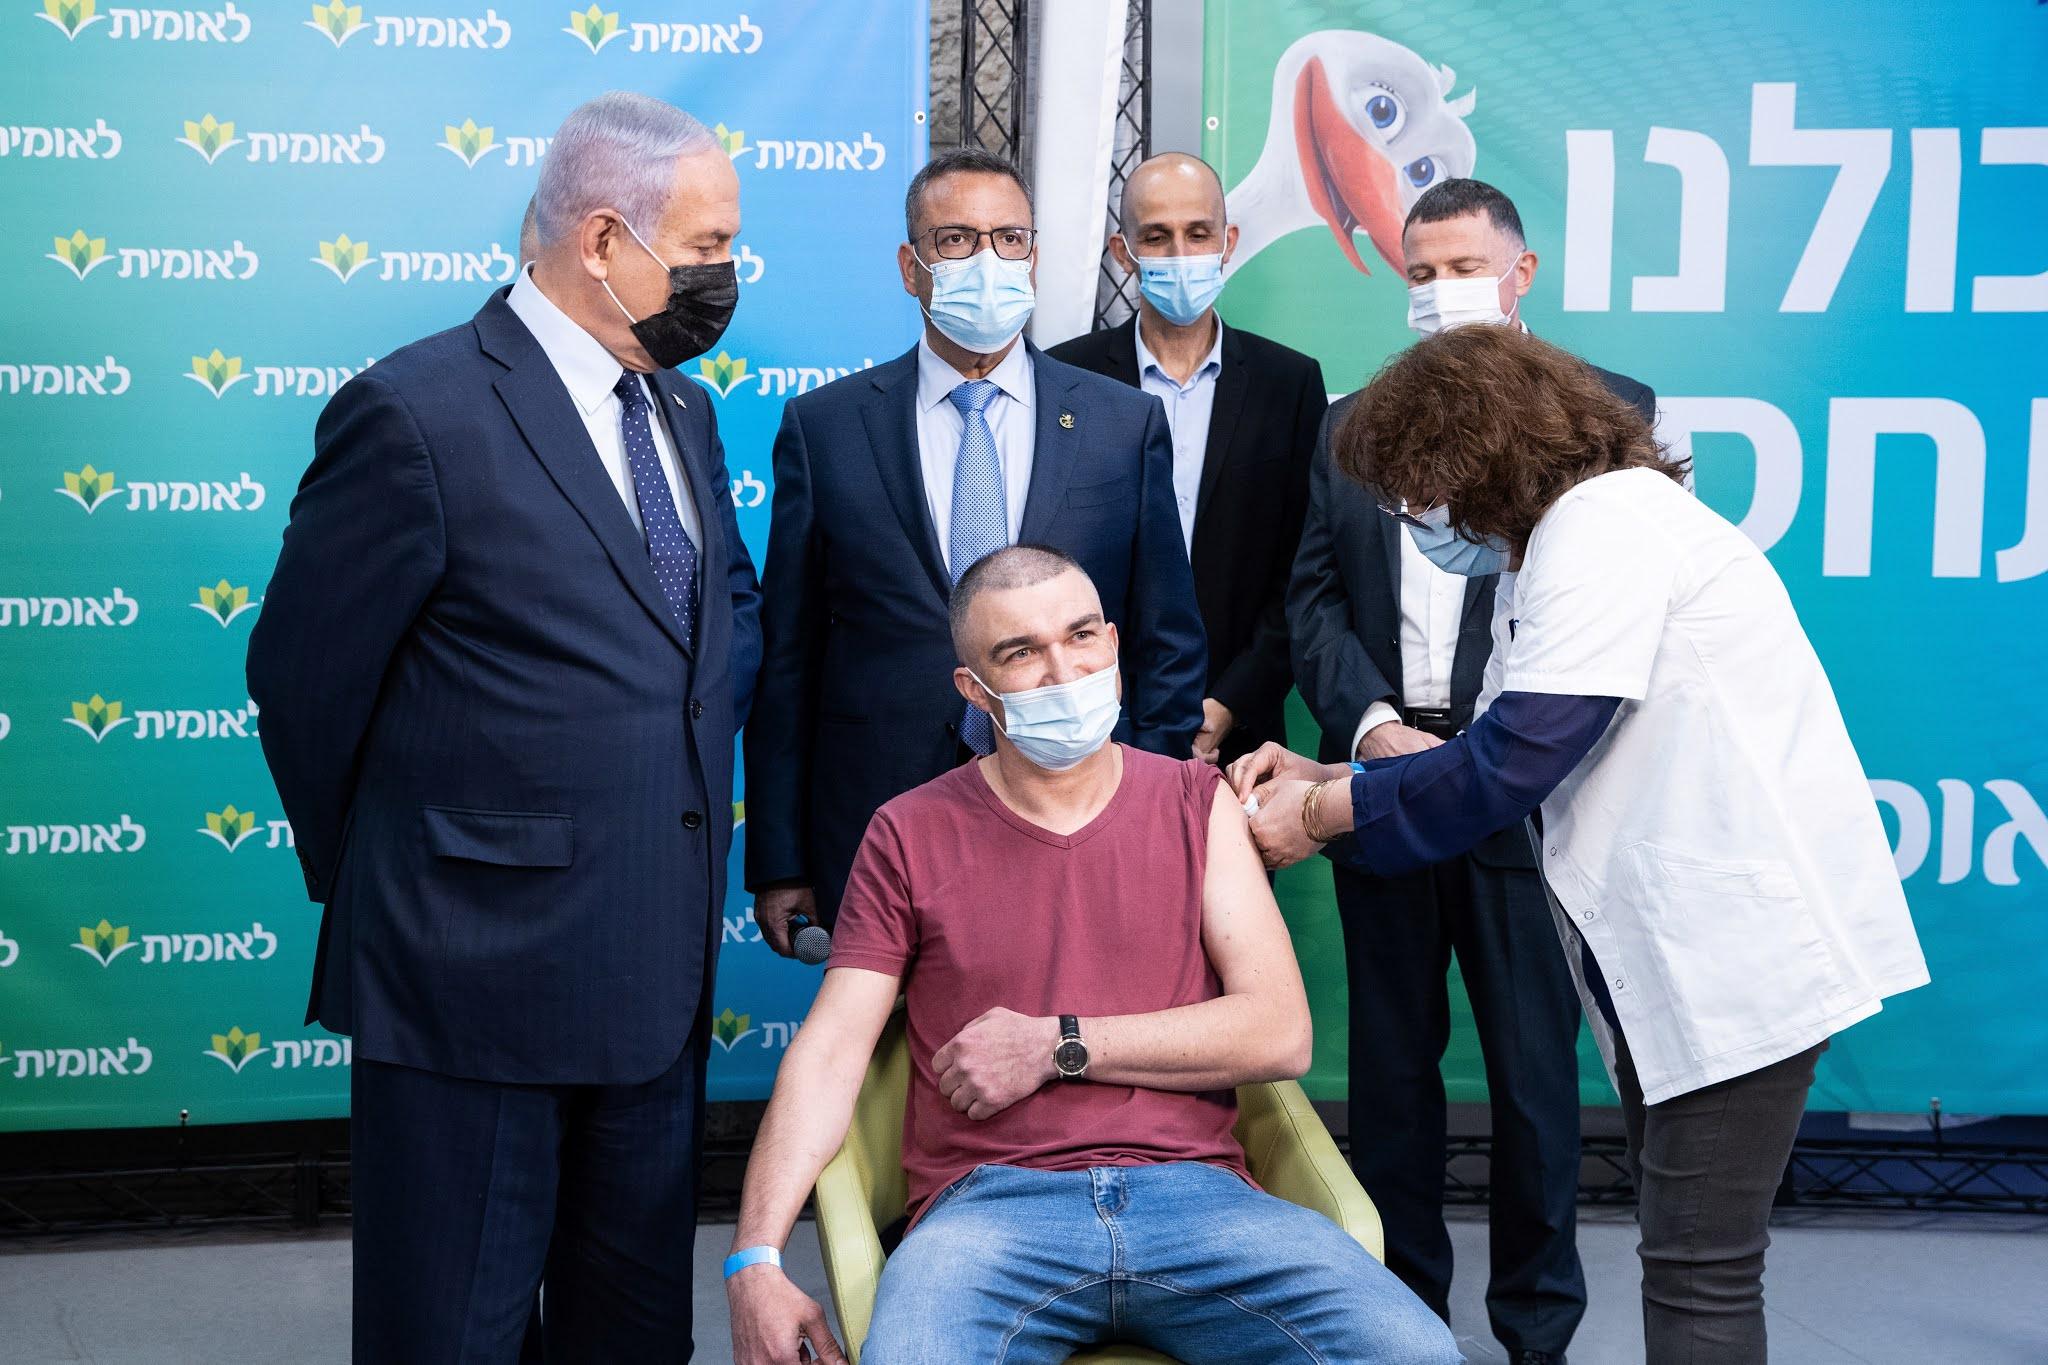 Israel ya vacunó contra el coronavirus a más del 70 por ciento de su población mayor a 16 años